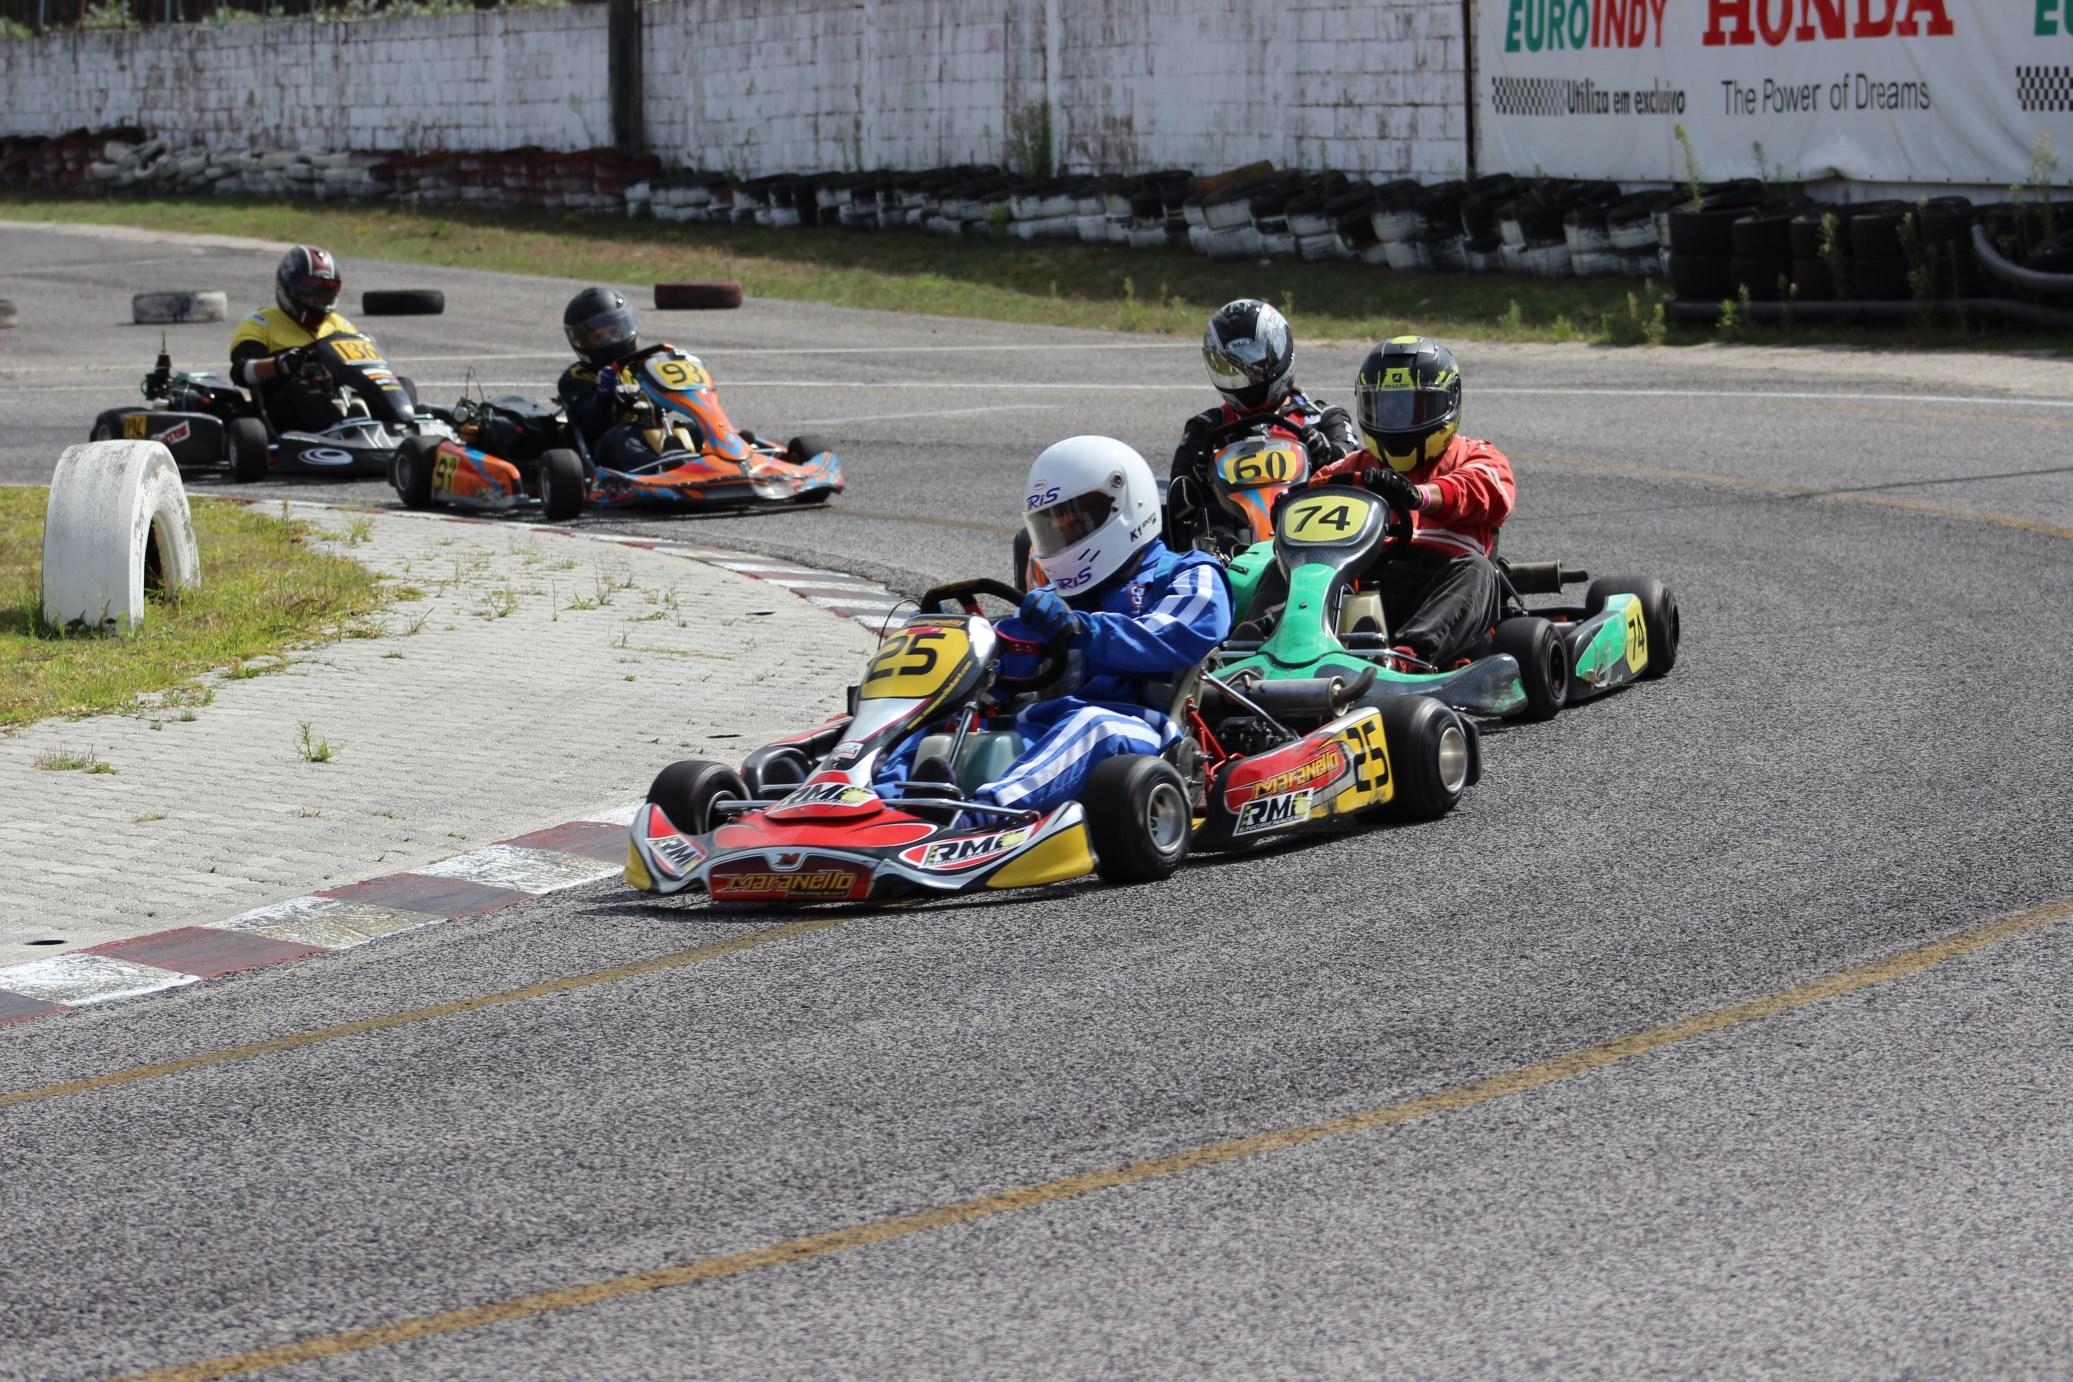 Troféu Honda 2014 - 3ª Prova160